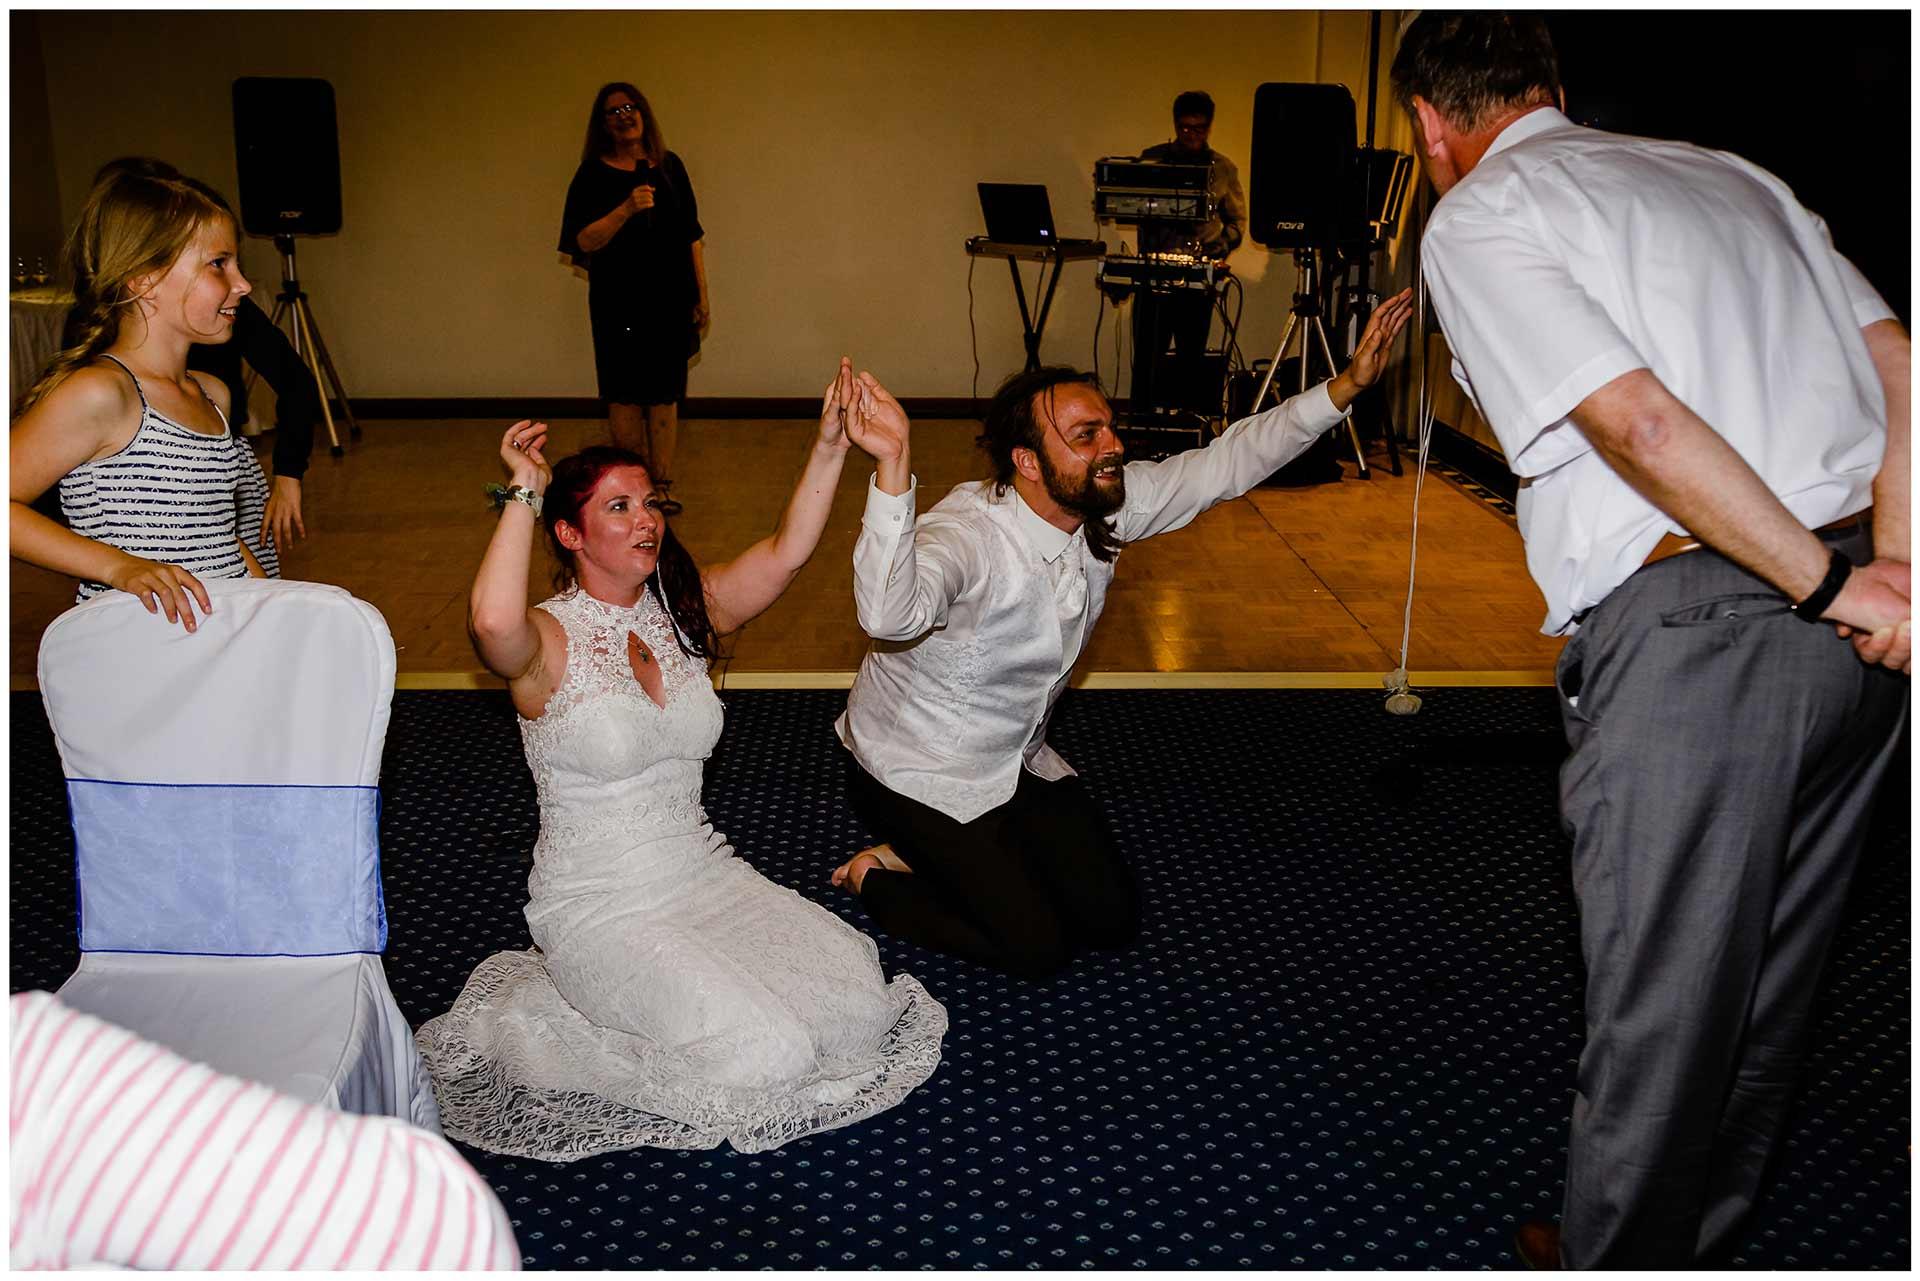 Brautpaar-kniet-auf-dem-Boden-und-beten-aus-Spass-den-Brautvater-an-Hochzeit-im-Hotel-Neptun-Hochzeitsfotograf-Warnemuende-Hochzeitsfotograf-Rostock-Hochzeitsfotograf-Ostseebad-Warnemuende